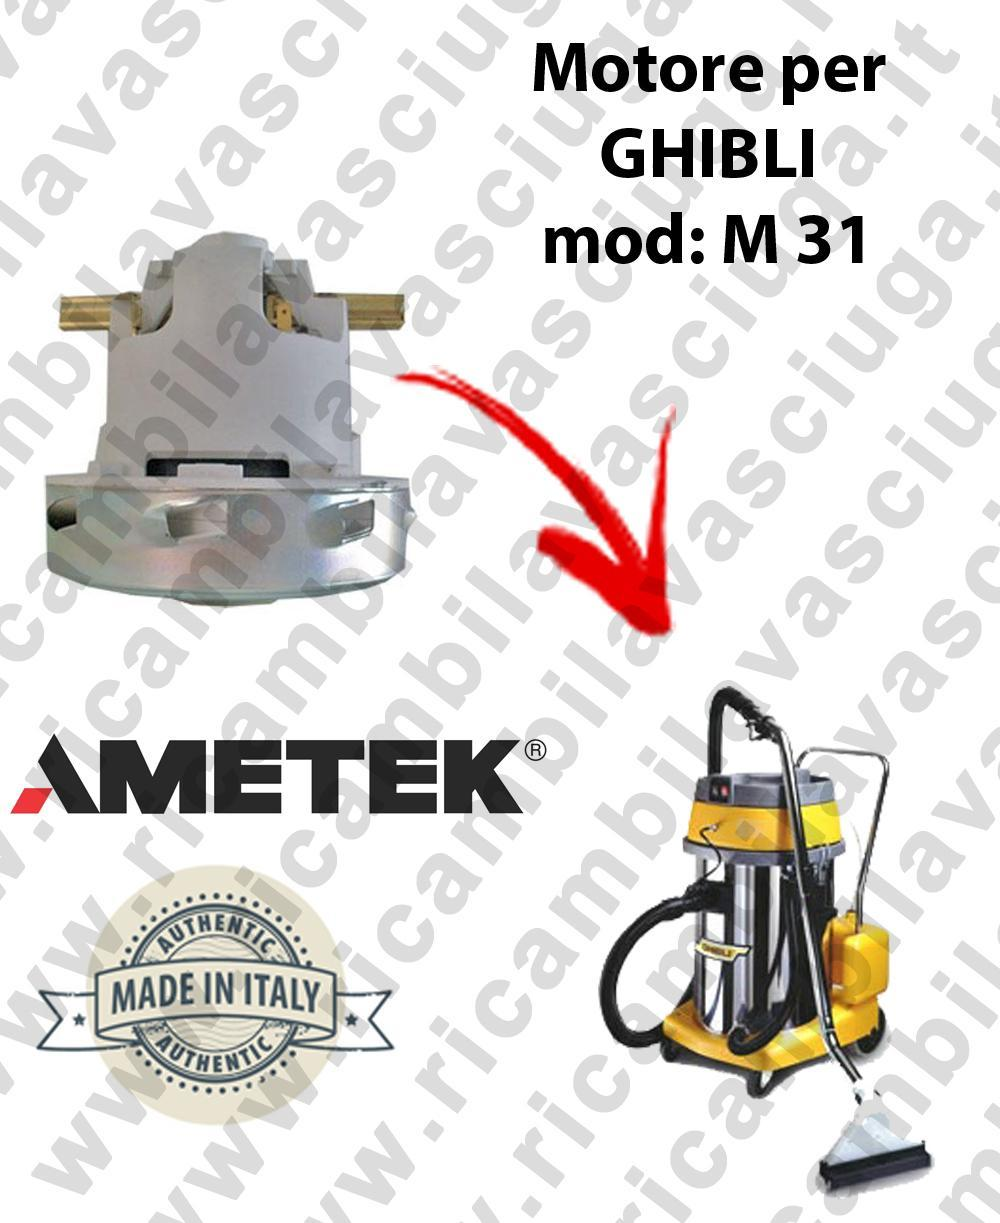 M 31 MOTEUR ASPIRATION pour machine d'extracteur moquette GHIBLI